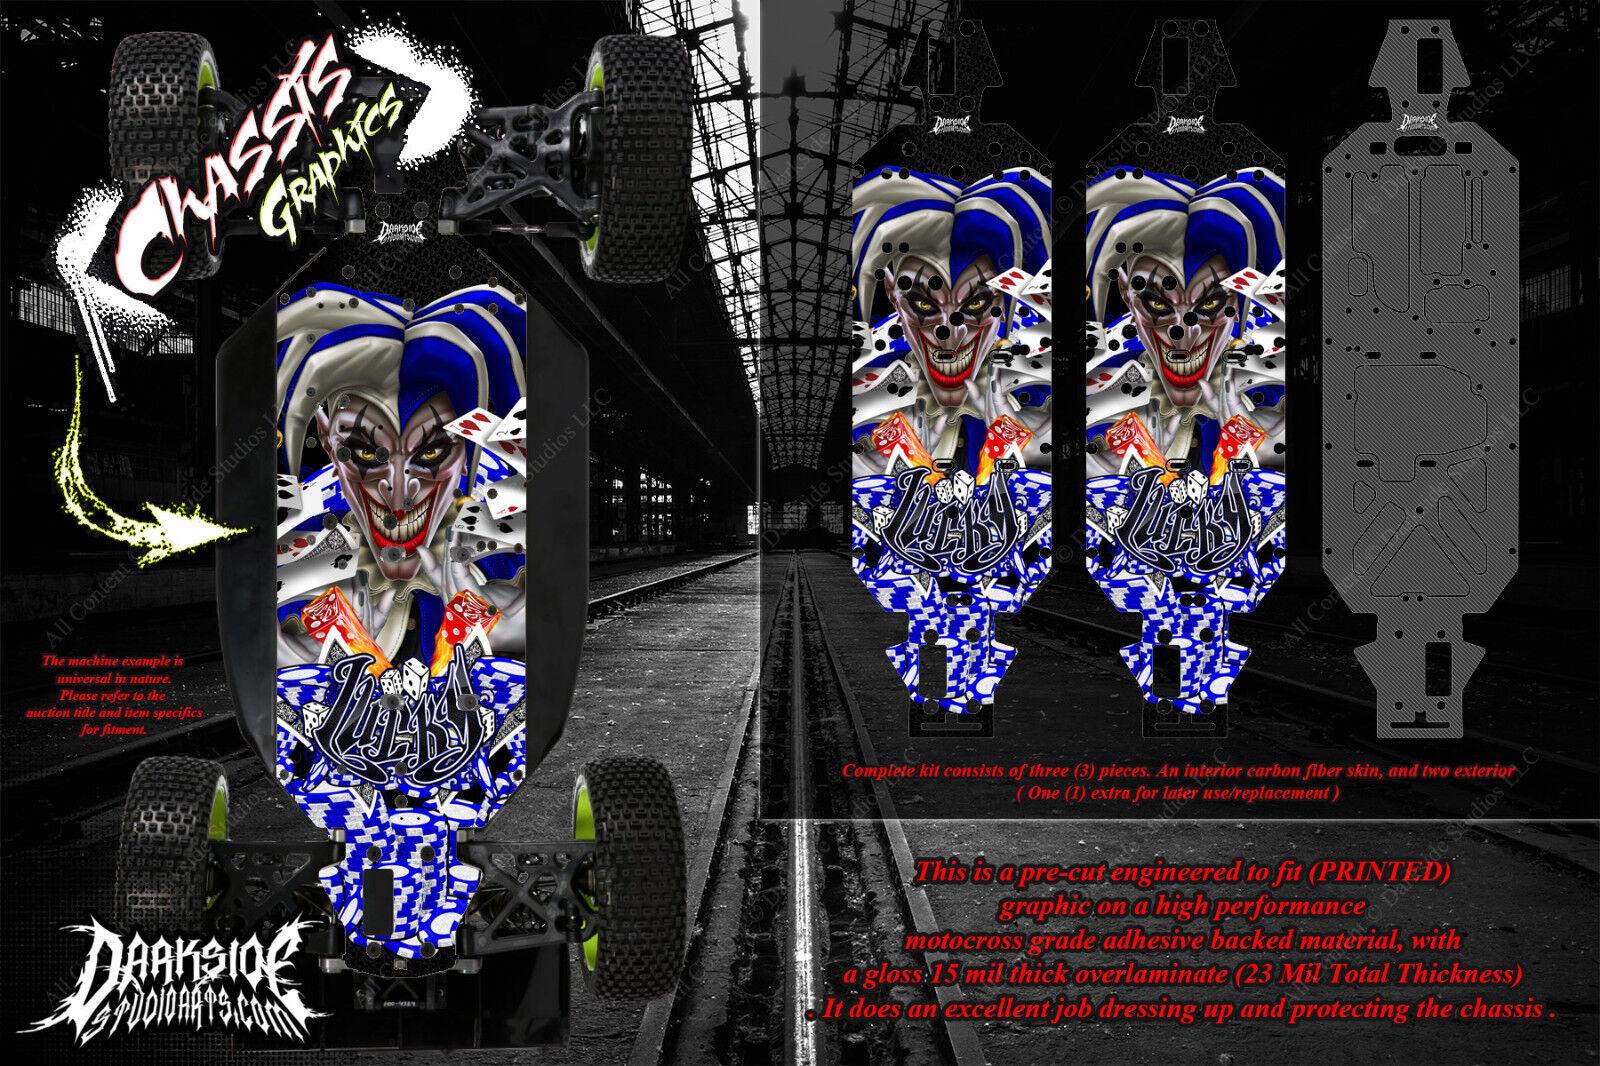 Envoltura de chasis LOSI 5IVE-T Calcomanía 'LUKCY' Hop Up Kit Skid Placa De Projoección